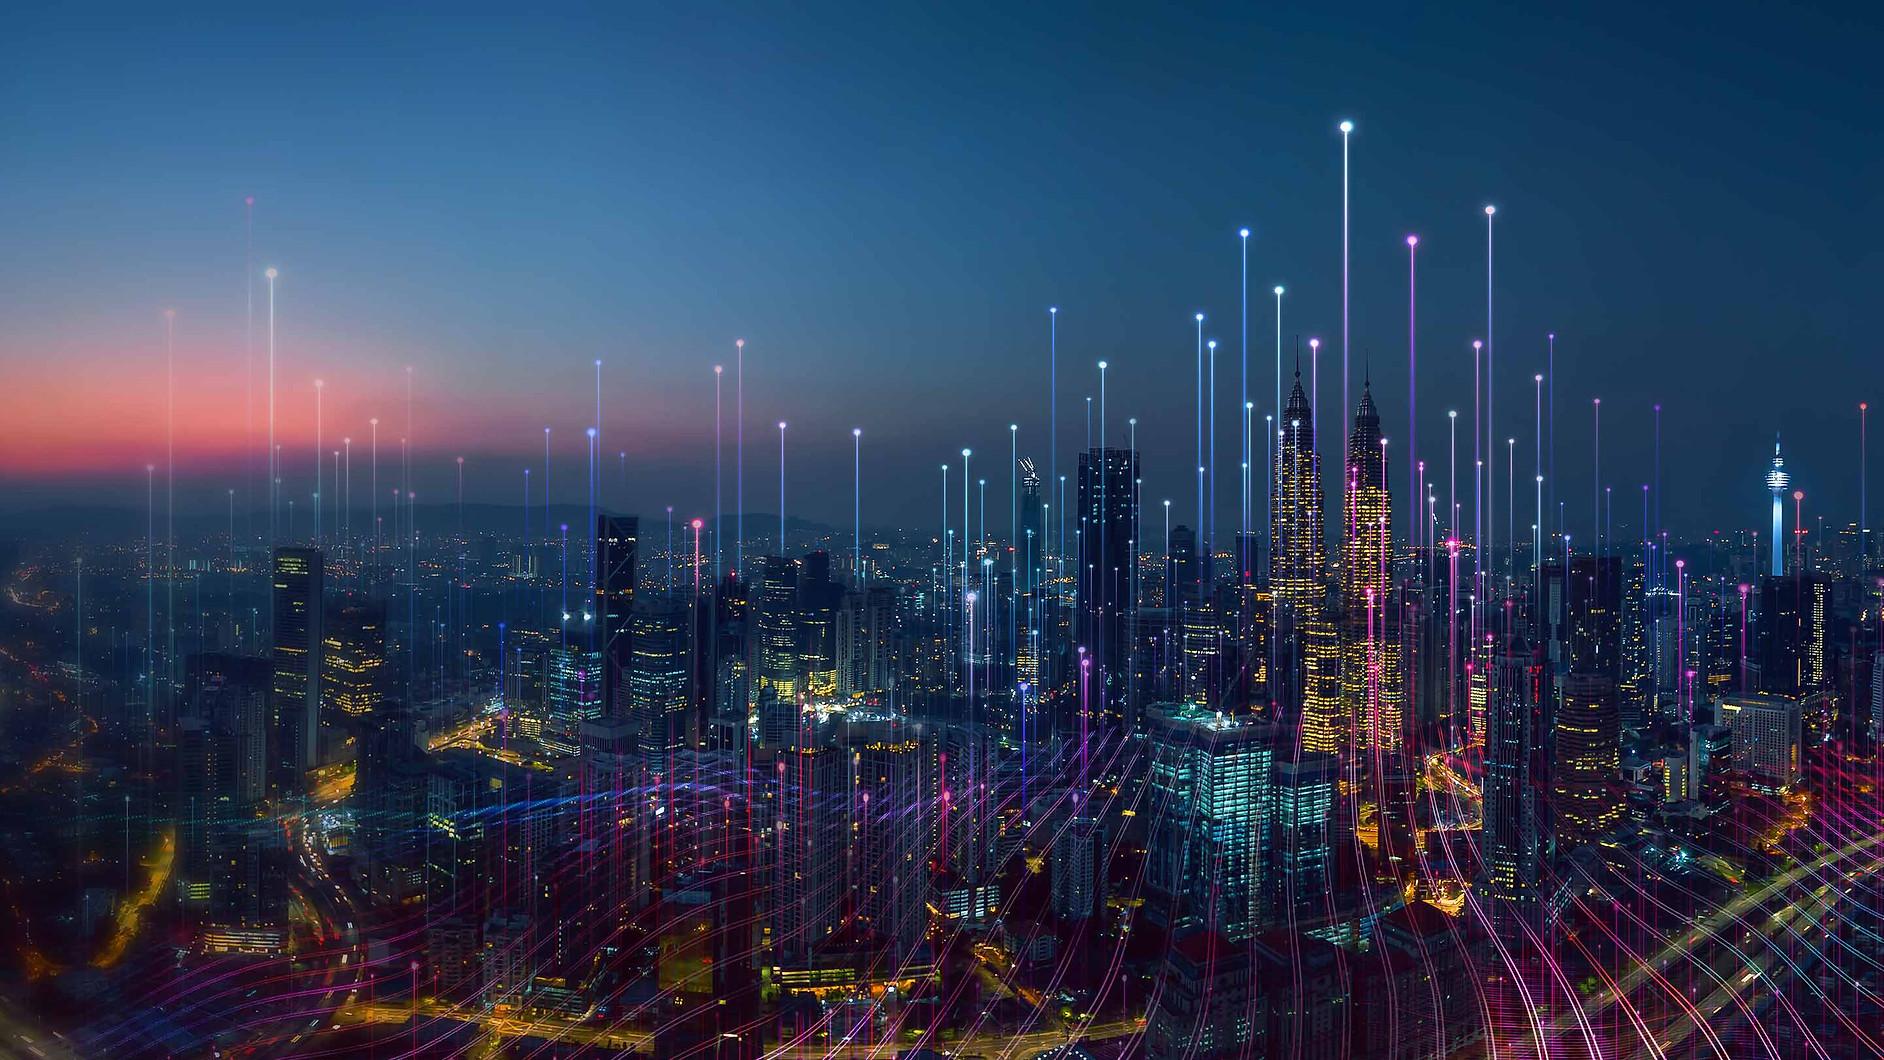 smart-city-hero-image@2x.jpg